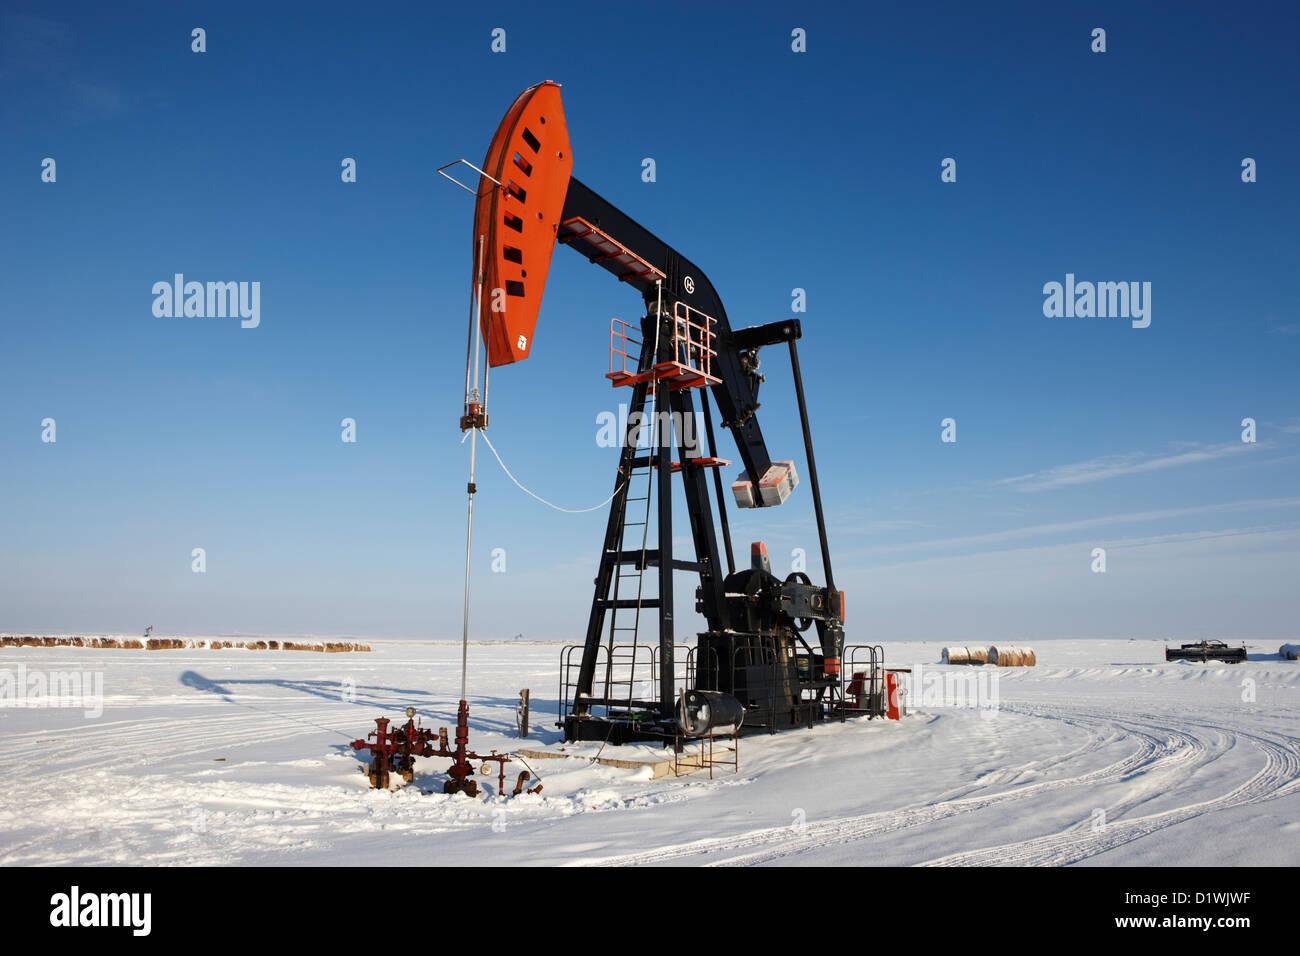 En invierno la nieve pumpjack aceite olvidar Saskatchewan Canadá Imagen De Stock